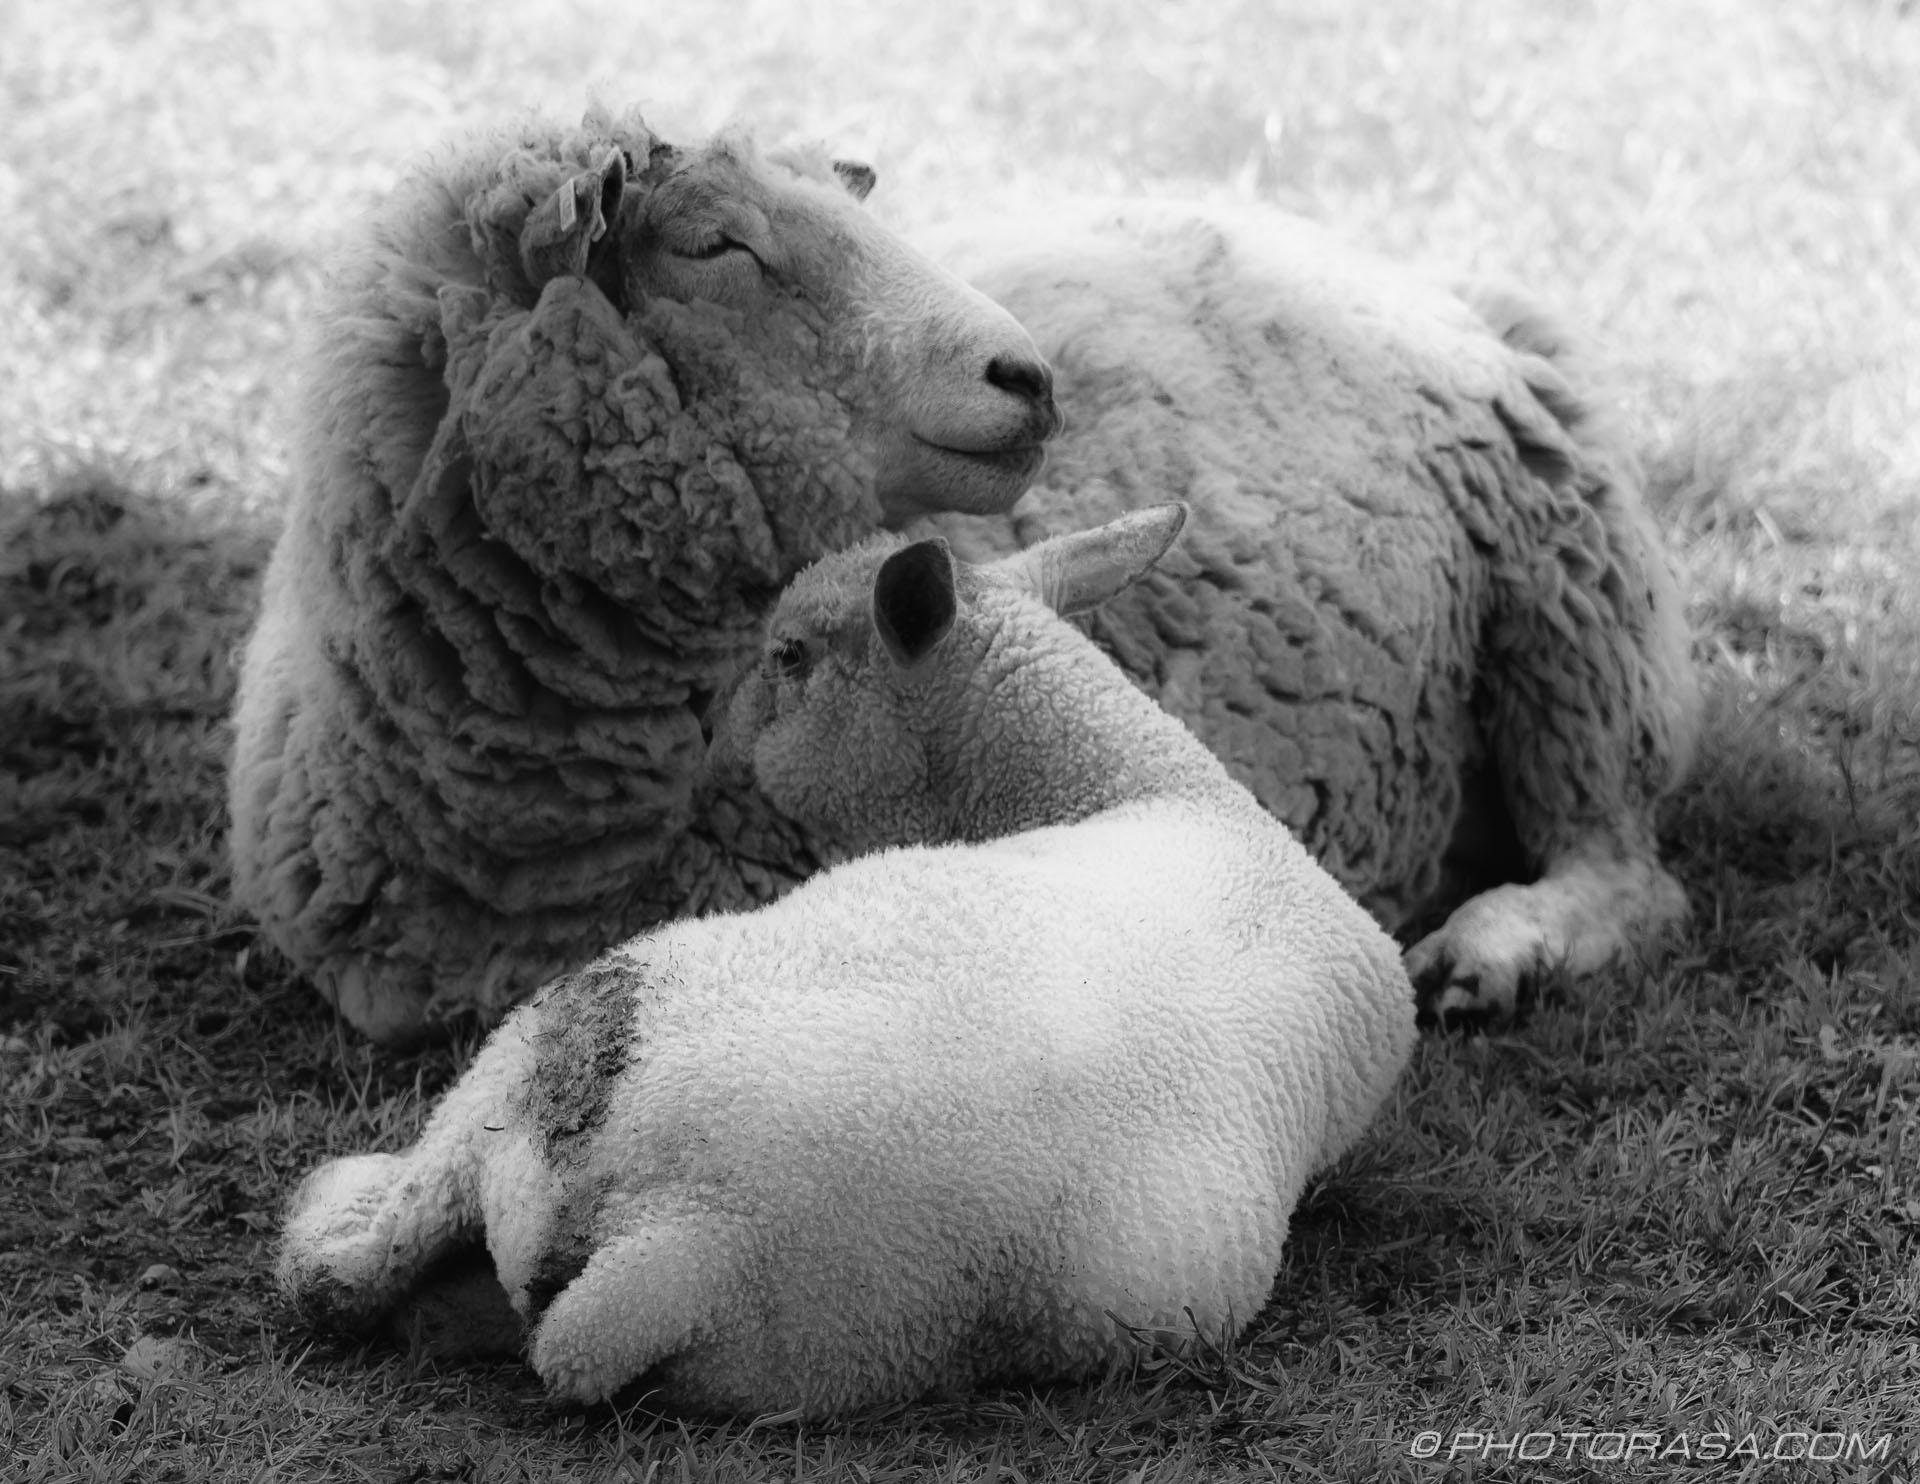 http://photorasa.com/sheep/lamb-and-mother-2/